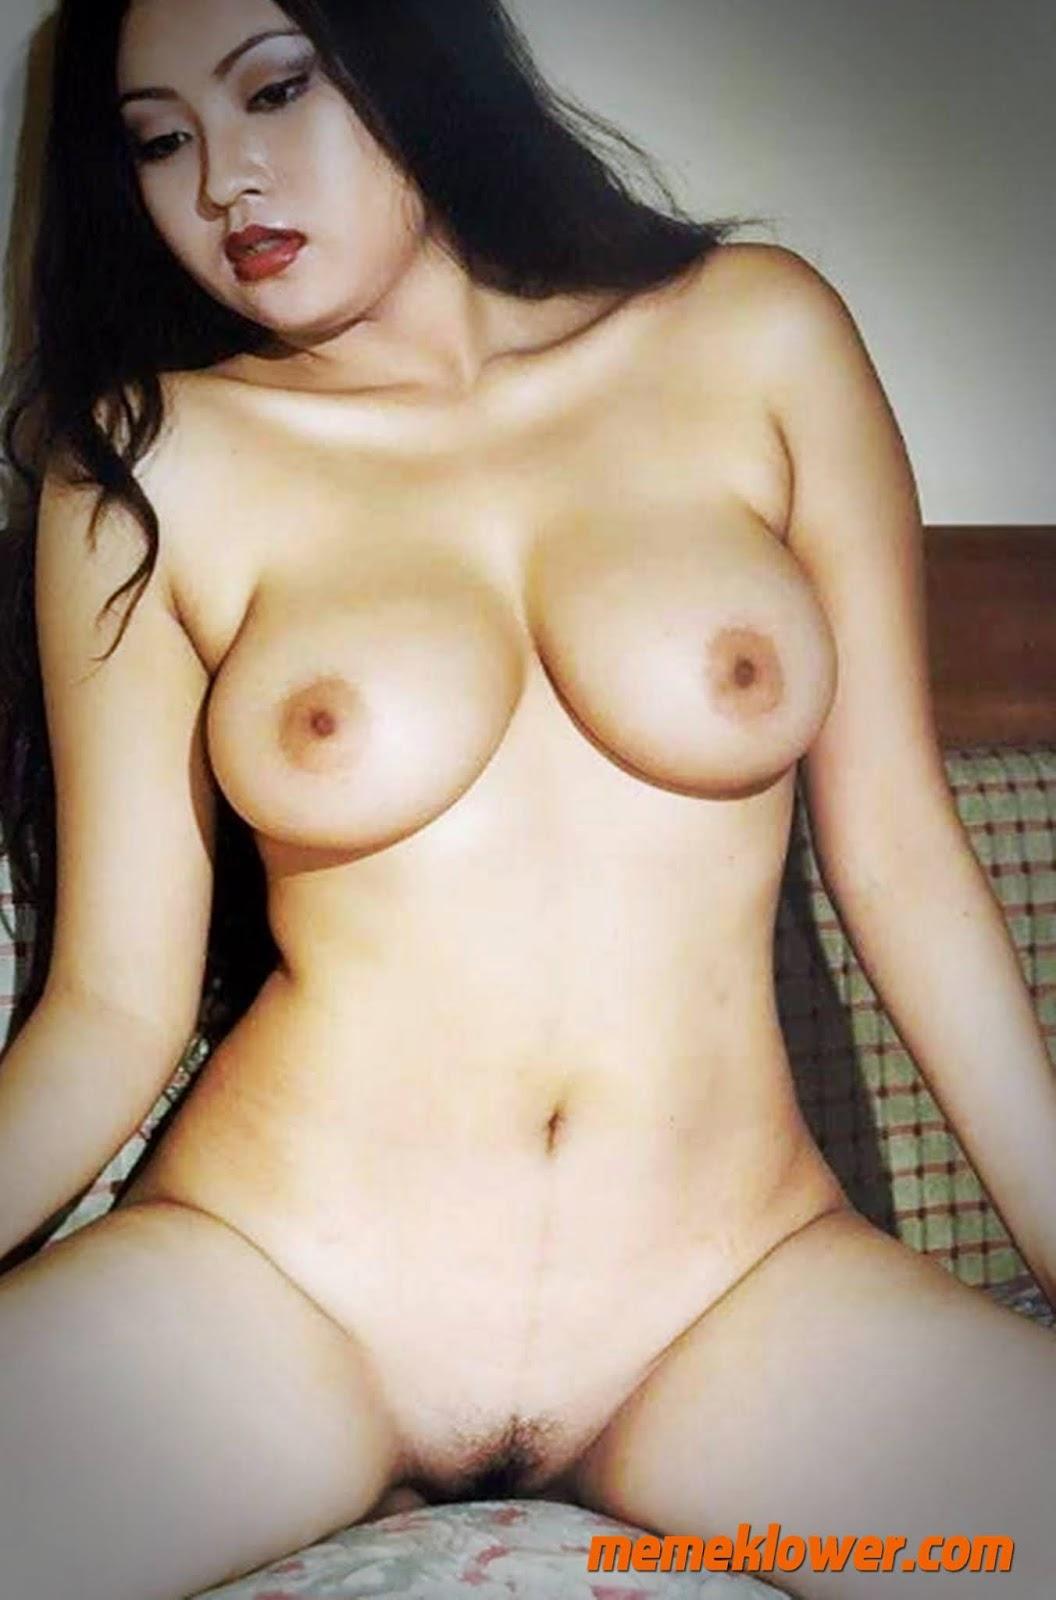 foto-bugil-tante-cantik-body-sexy